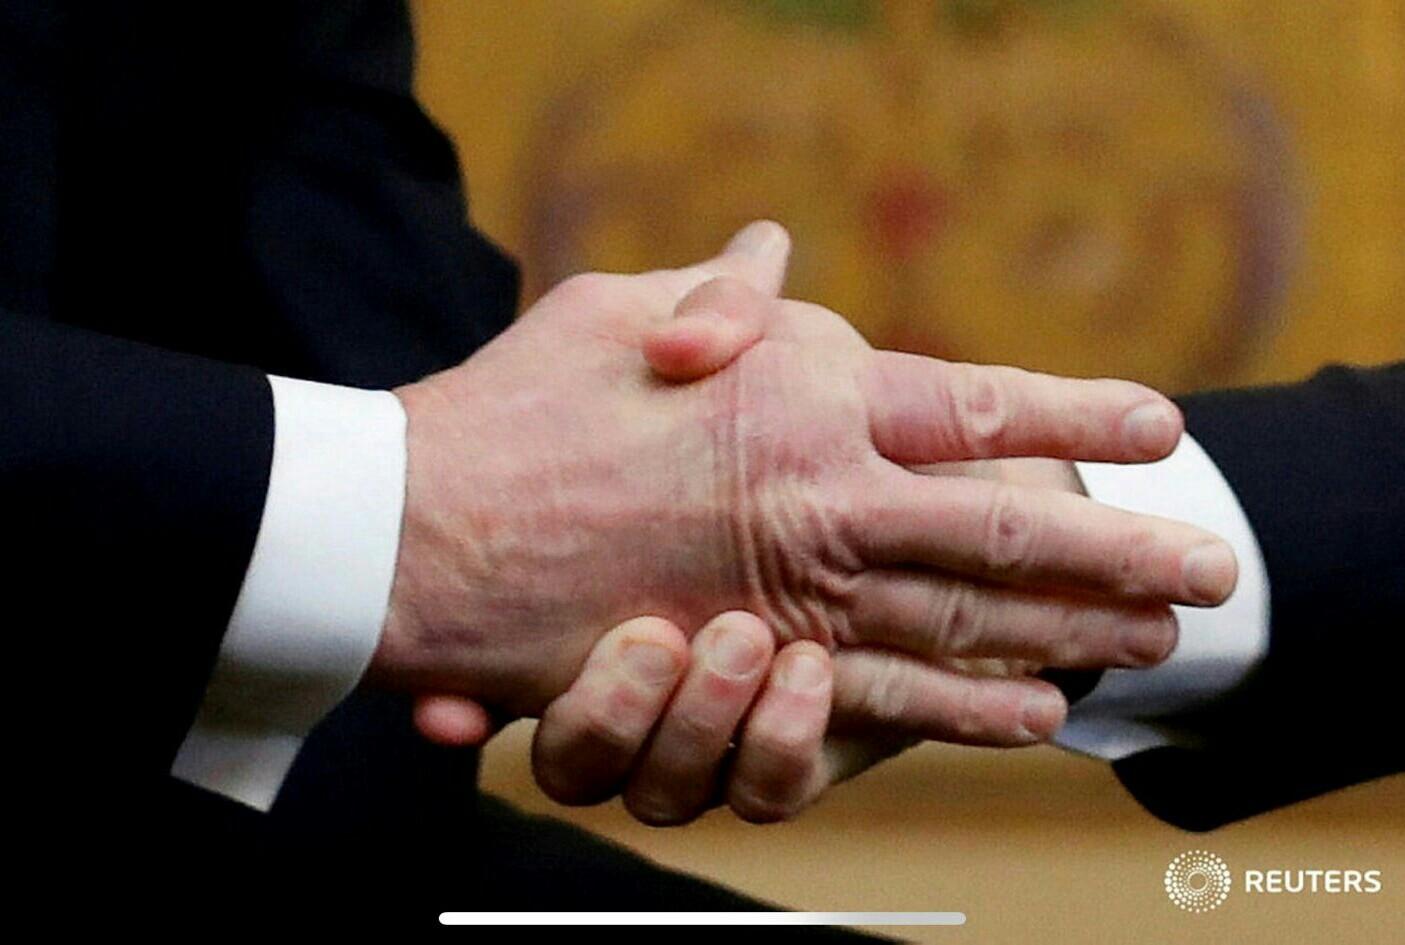 زورآزمایی مکرون و ترامپ در کاخ الیزه بار دیگر سوژه رسانهها شد+عکس